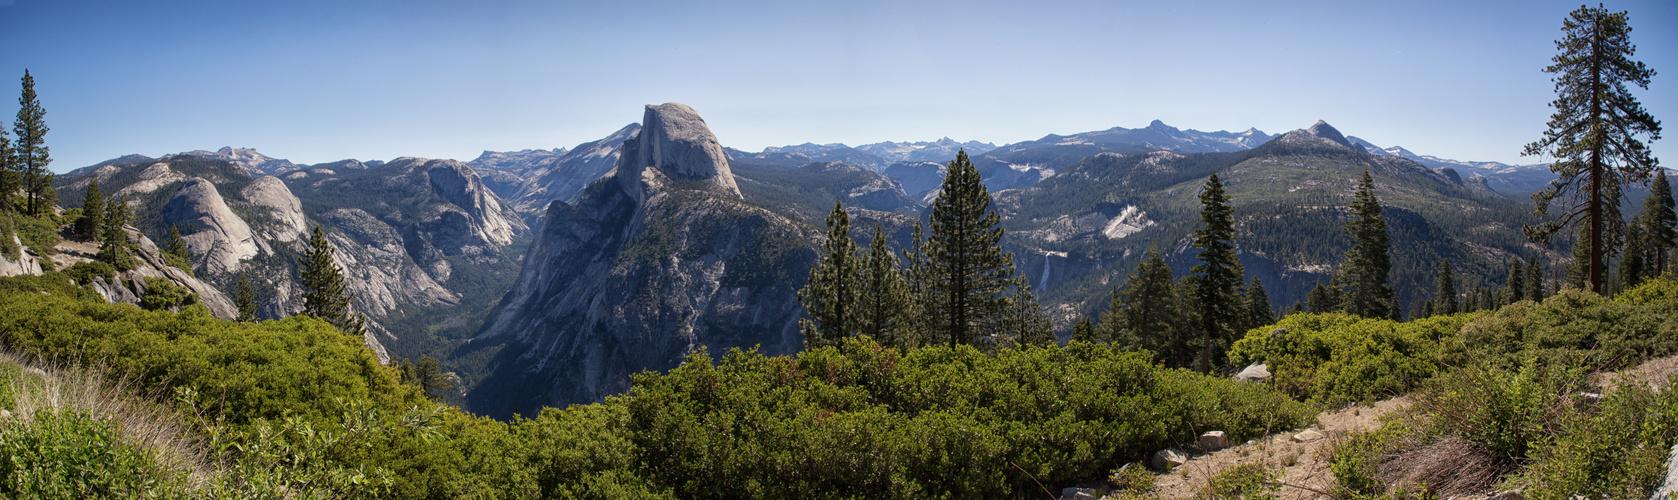 Half Dome - Yosemite-Nationalpark